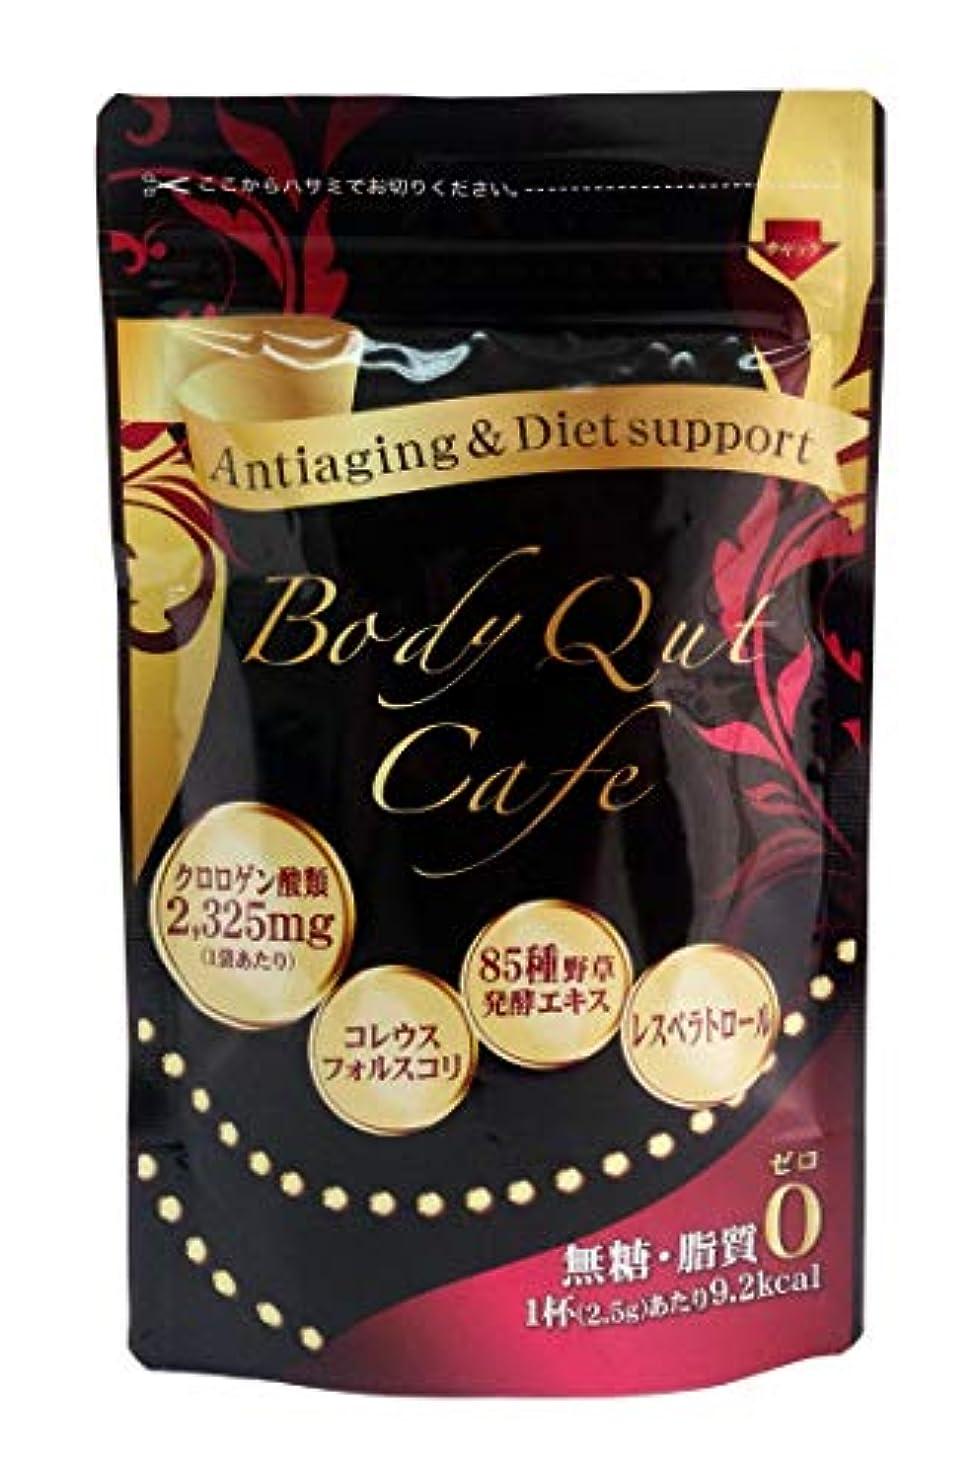 俳優強い原稿ボディキュットカフェ 75g 約30杯分 ダイエットコーヒー Body Qut Cafe (オリジナル)